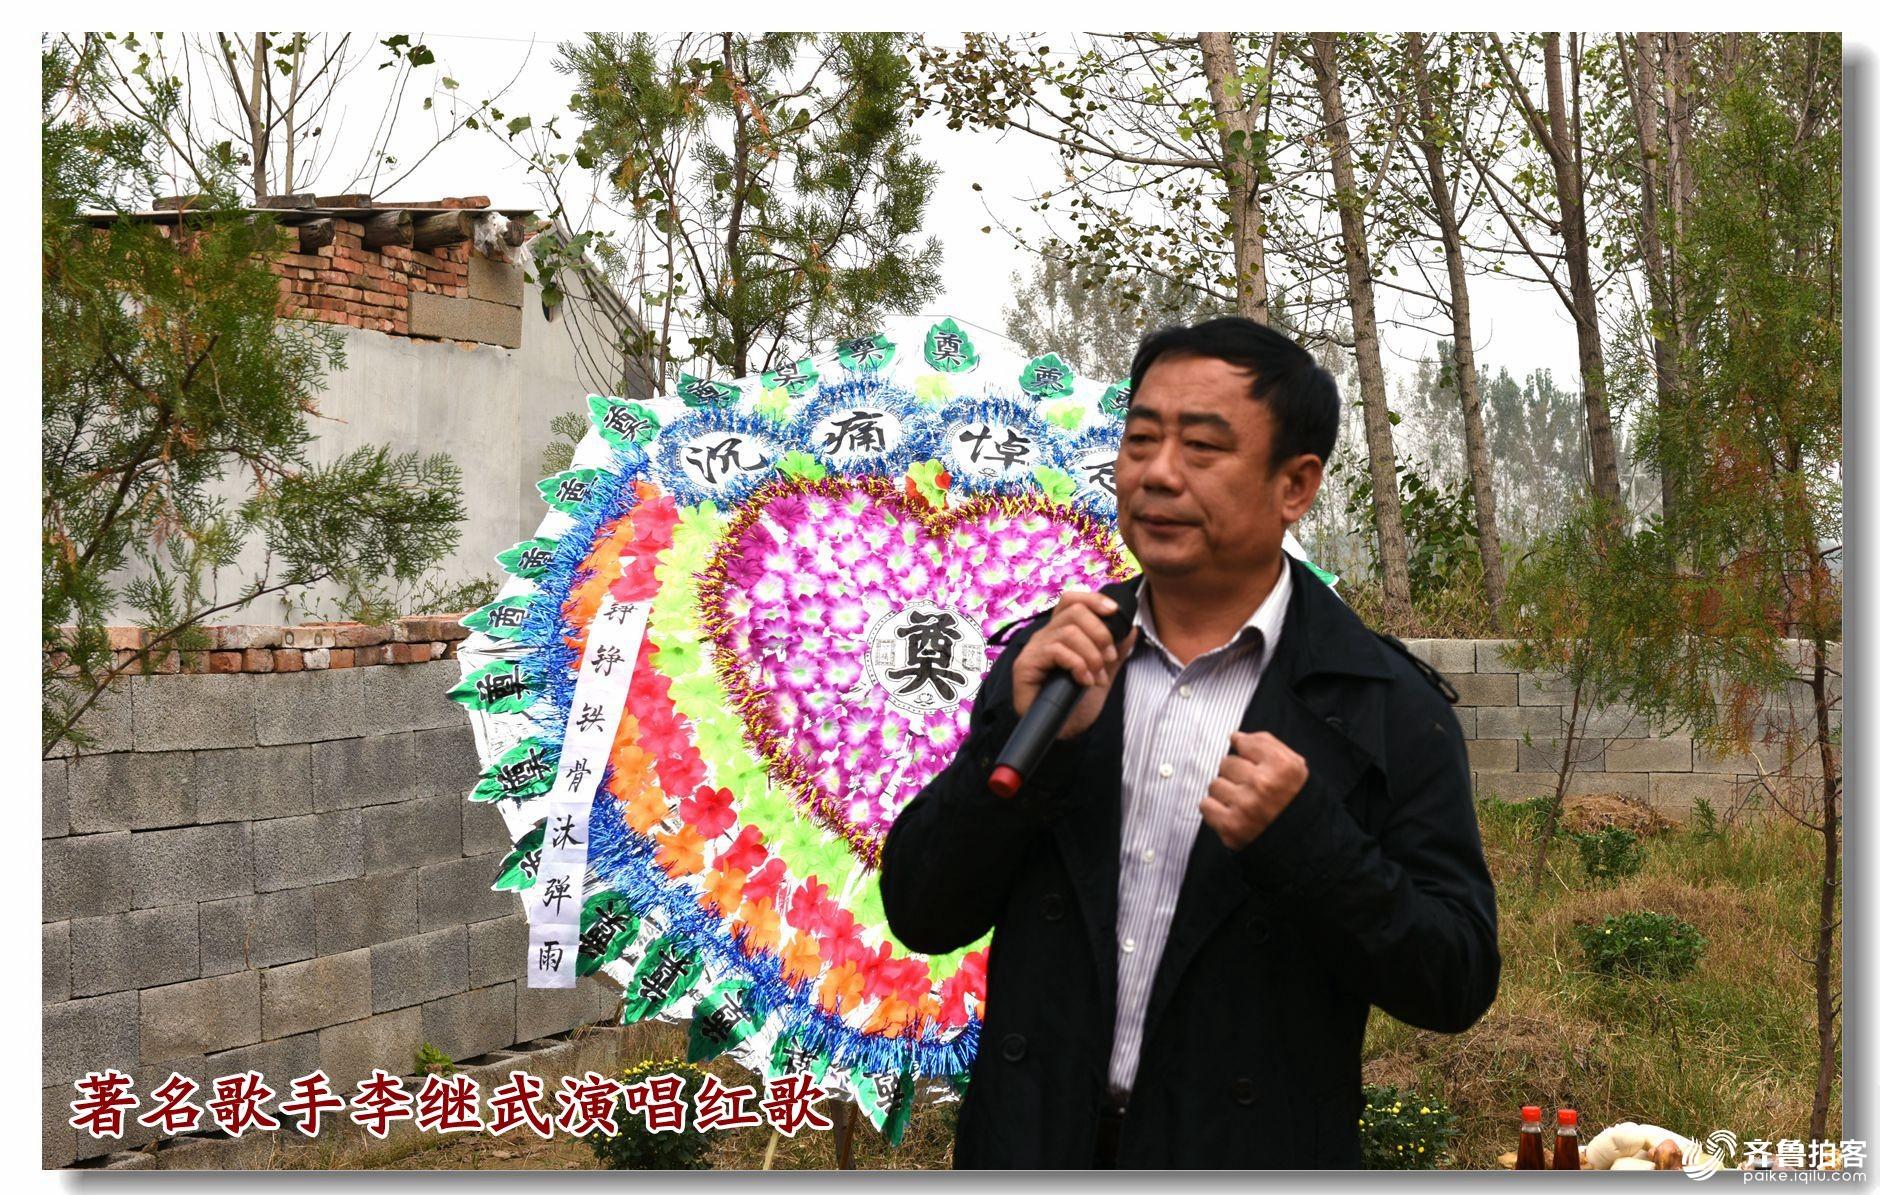 郓城县玉皇庙镇举办烈士公祭活动